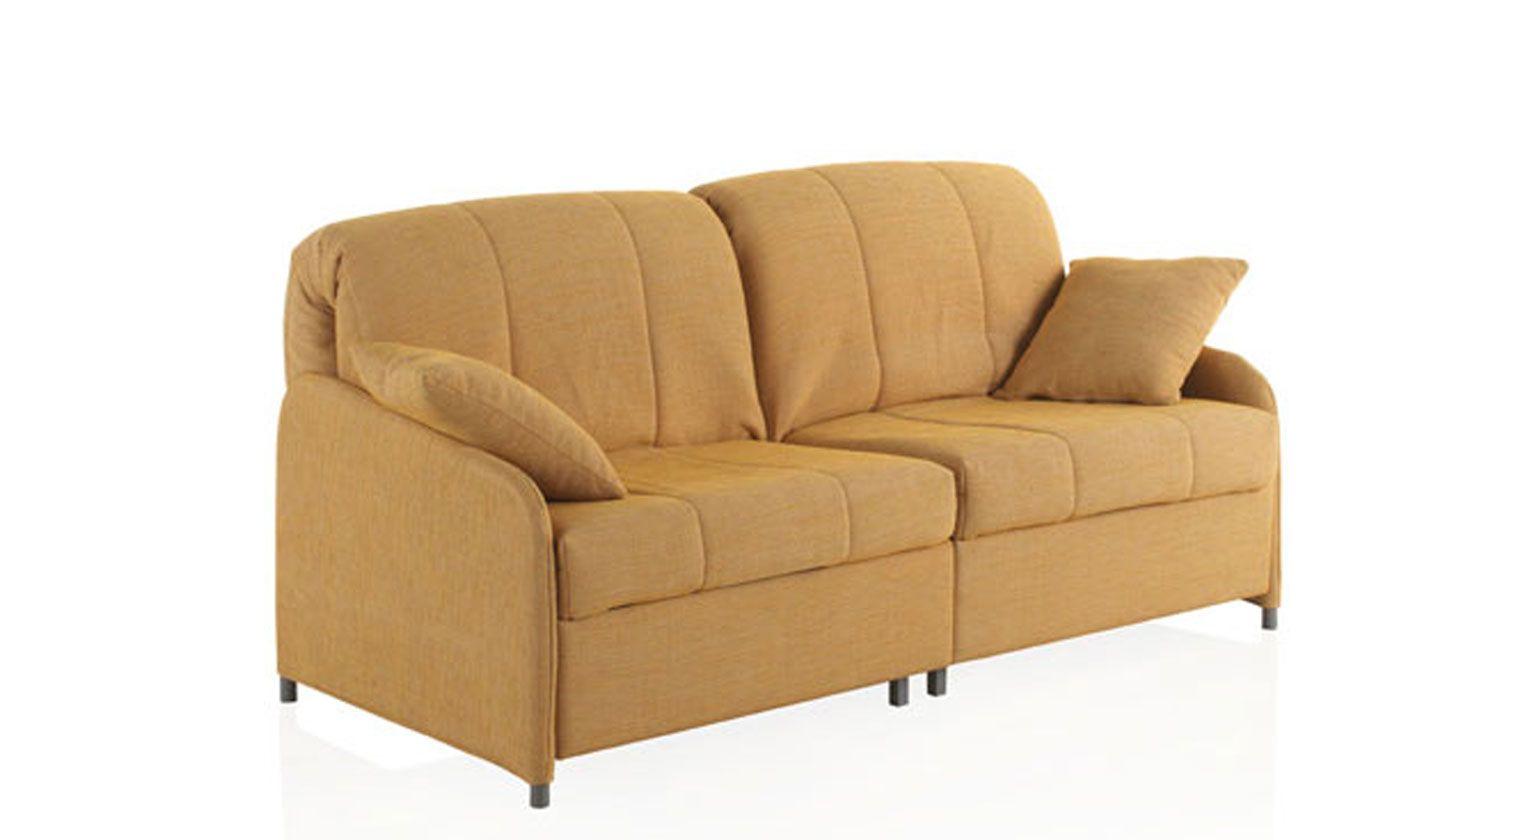 Comprar sof cama dijon 1 plaza cama de 90x190 cm buzo for Sofa cama 1 plaza barato